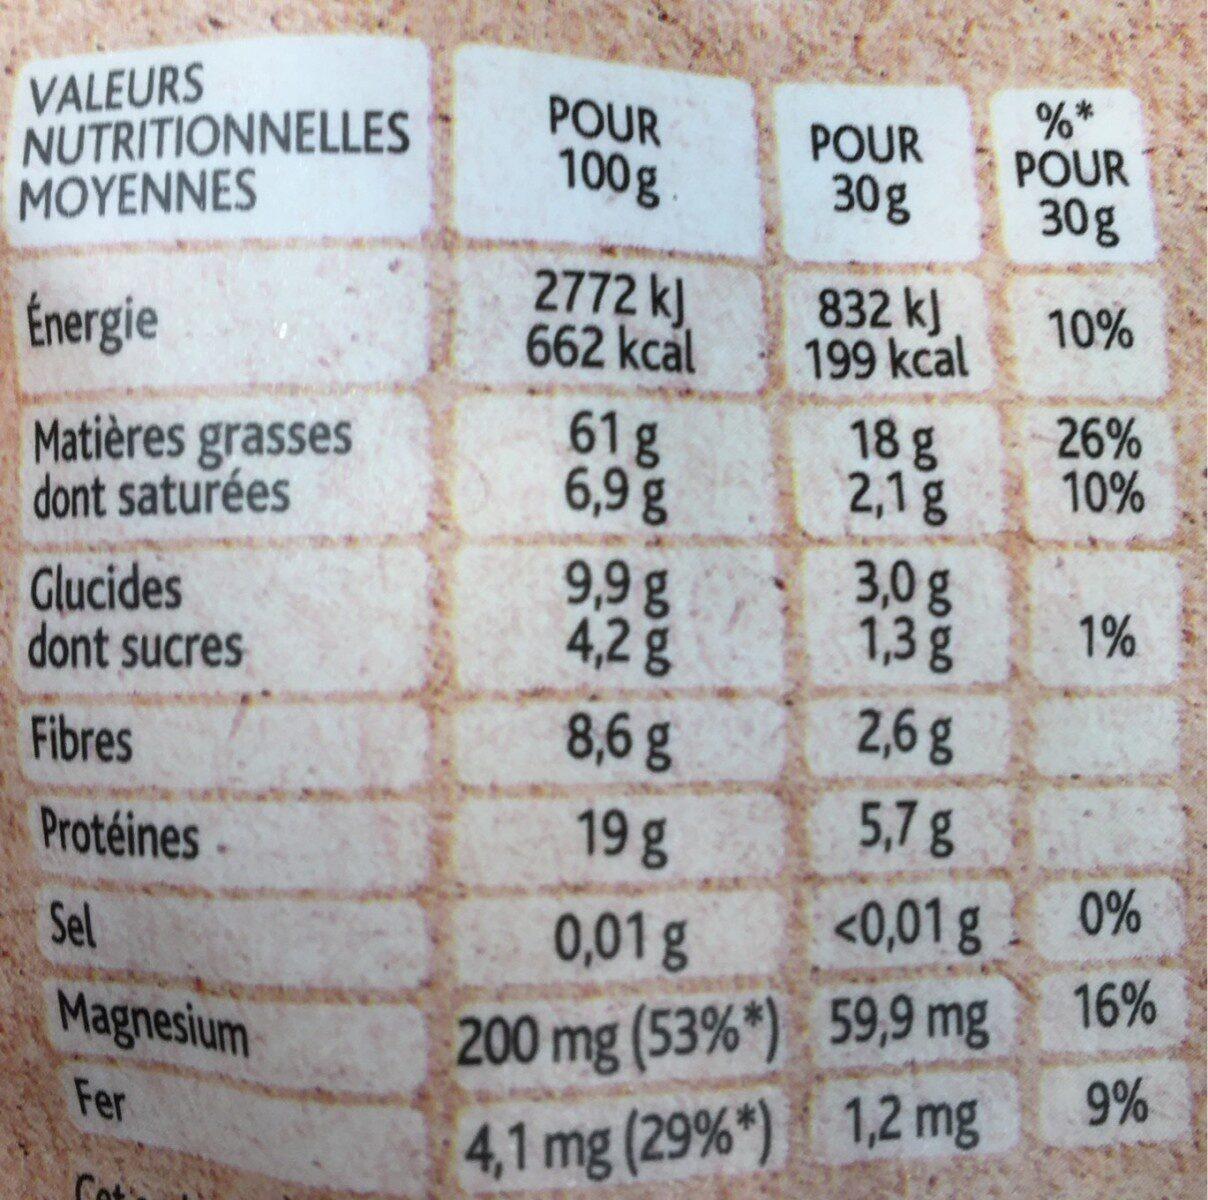 Plaisir brut non salé Mélange de noix - Voedingswaarden - fr